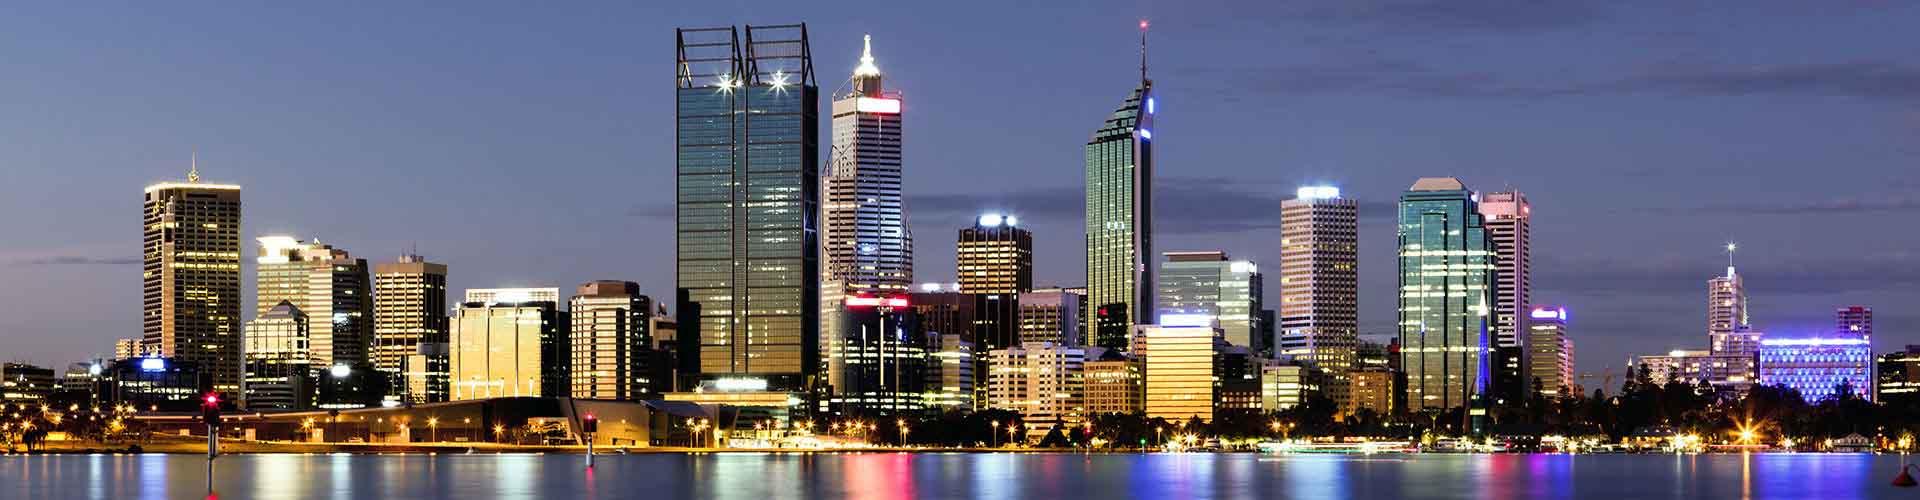 Perth - Ifjúsági Szállások Perthben. Perth térképek, fotók és ajánlások minden egyes ifjúsági szállásokra Perth-ben.